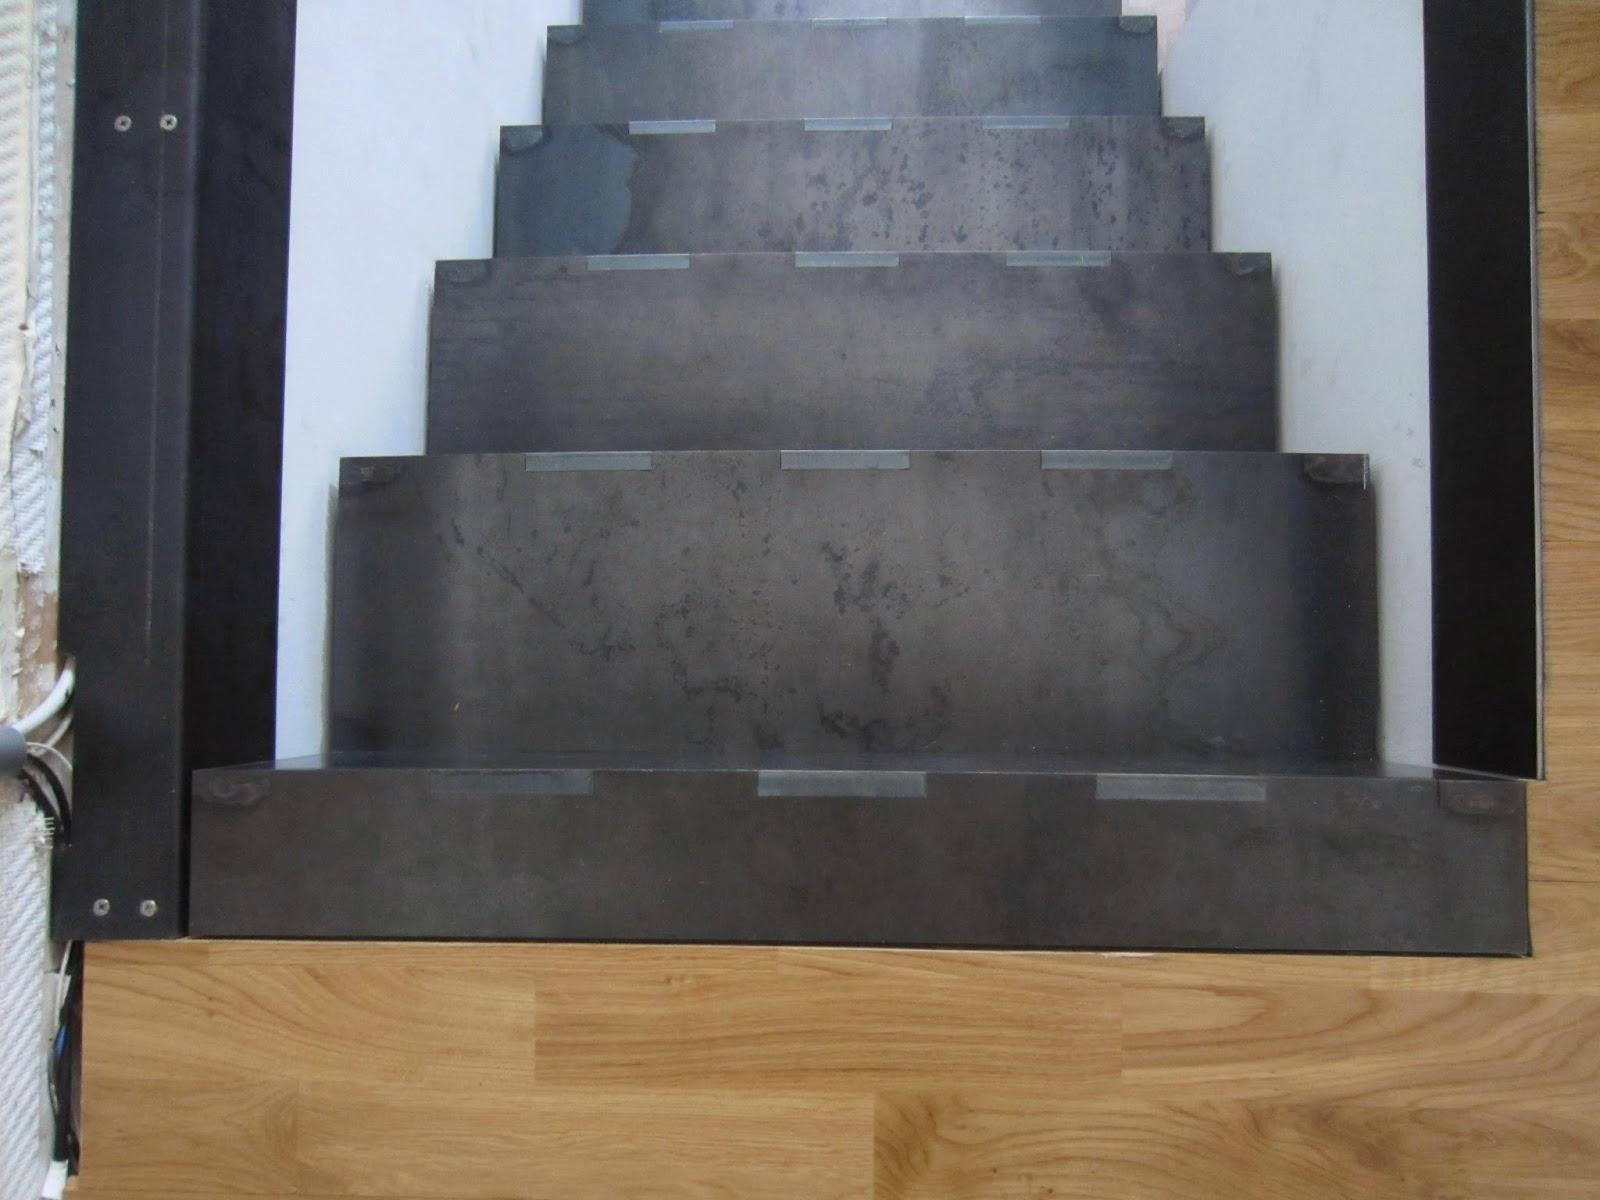 falttreppe stahl walzblau verzahnt fr bel metallbau. Black Bedroom Furniture Sets. Home Design Ideas